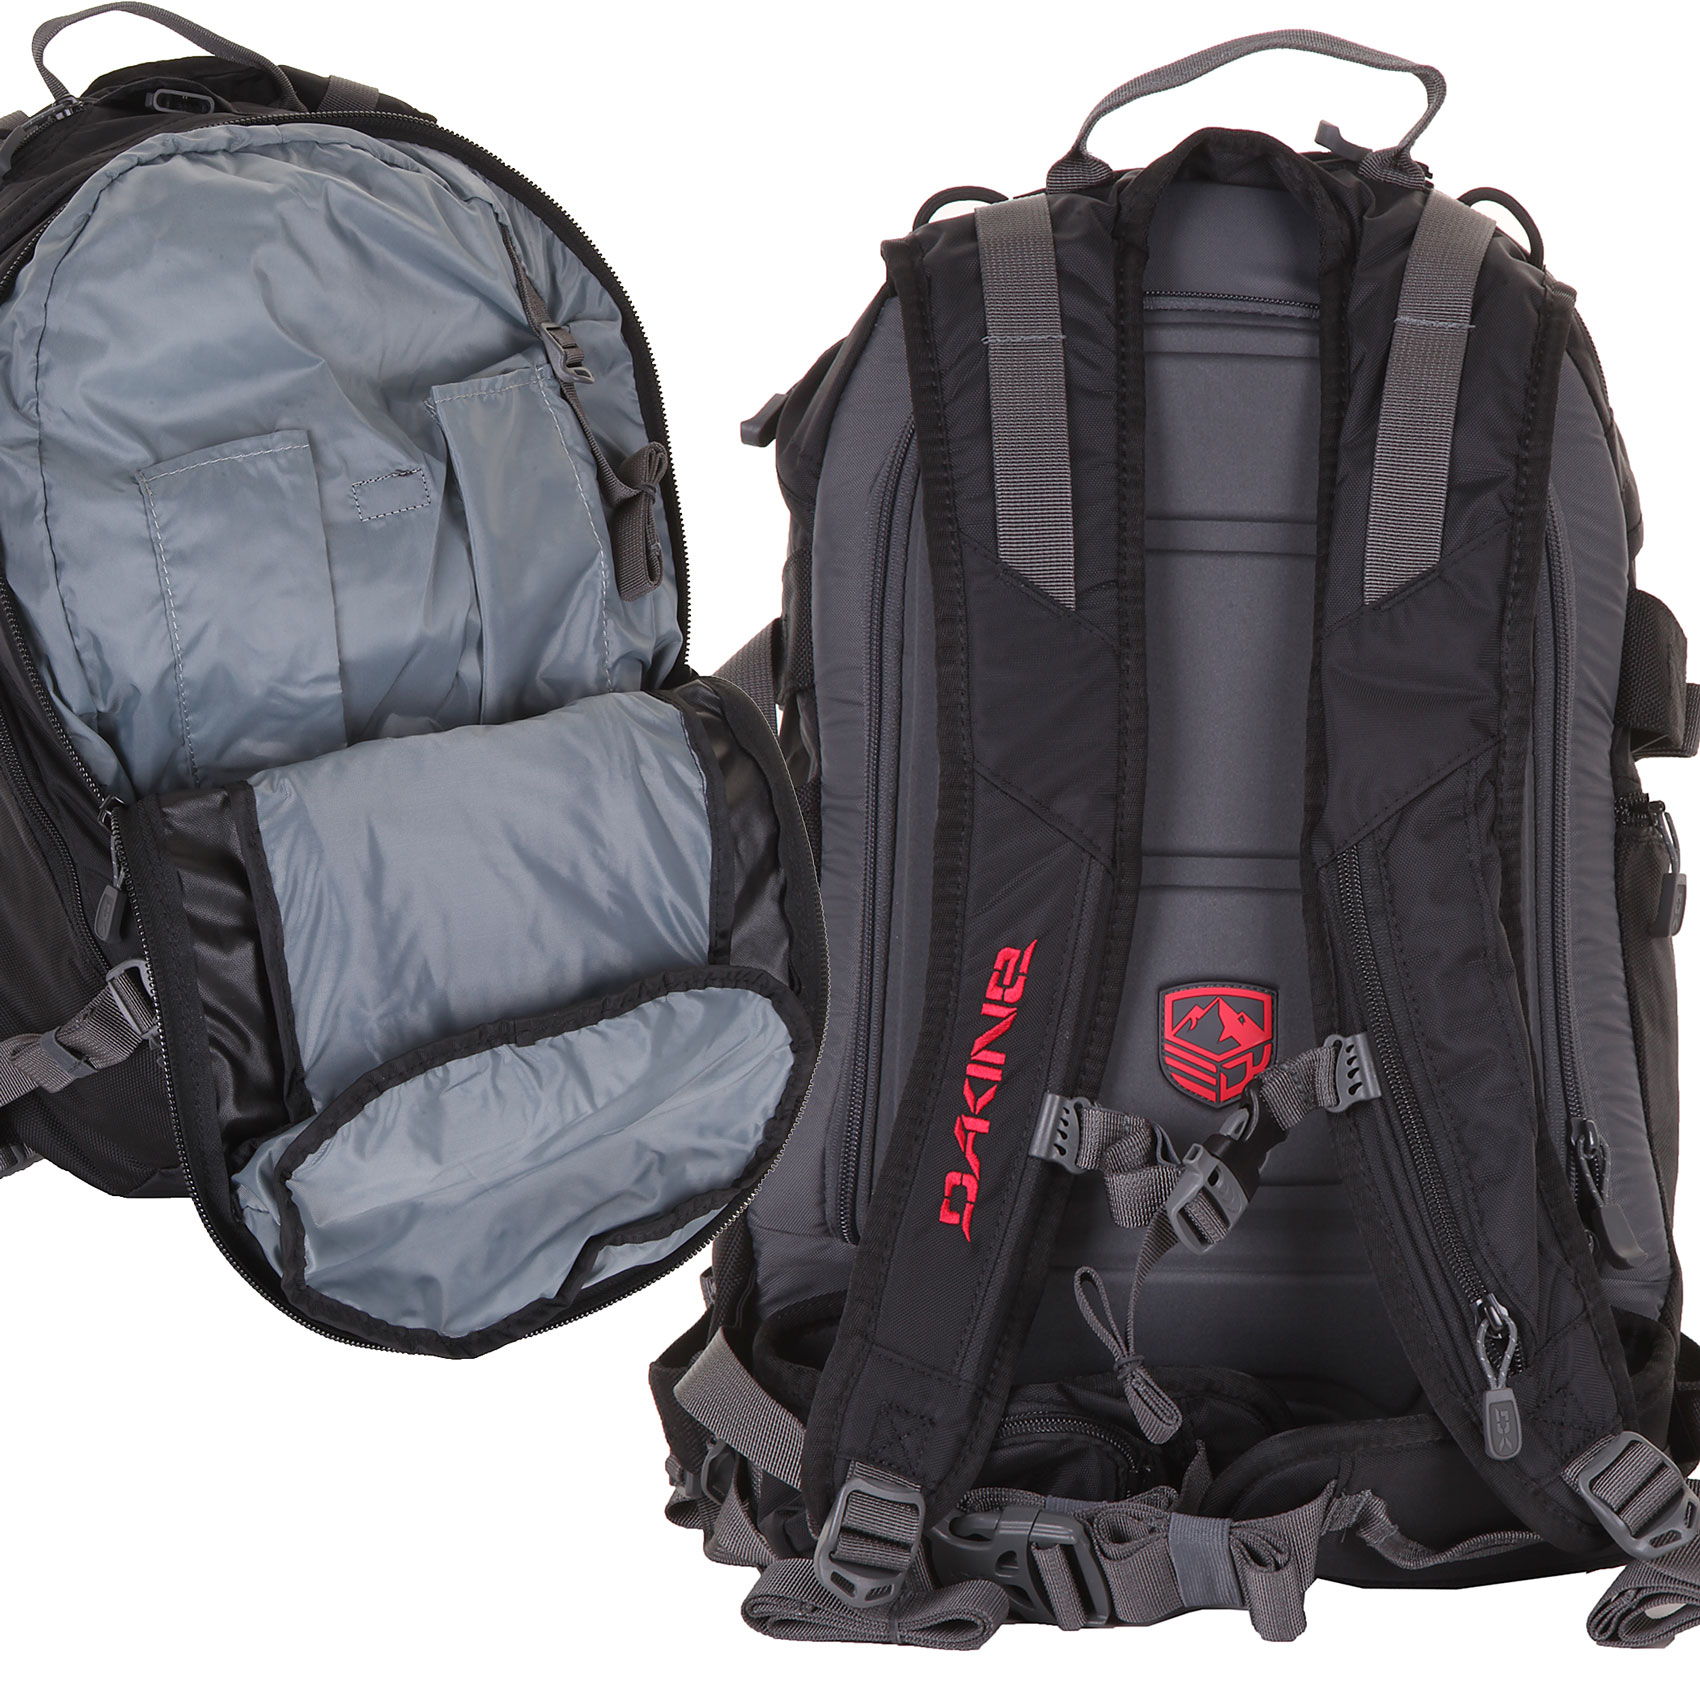 Dakine Pro II Backpack (black) buy at skatedeluxe